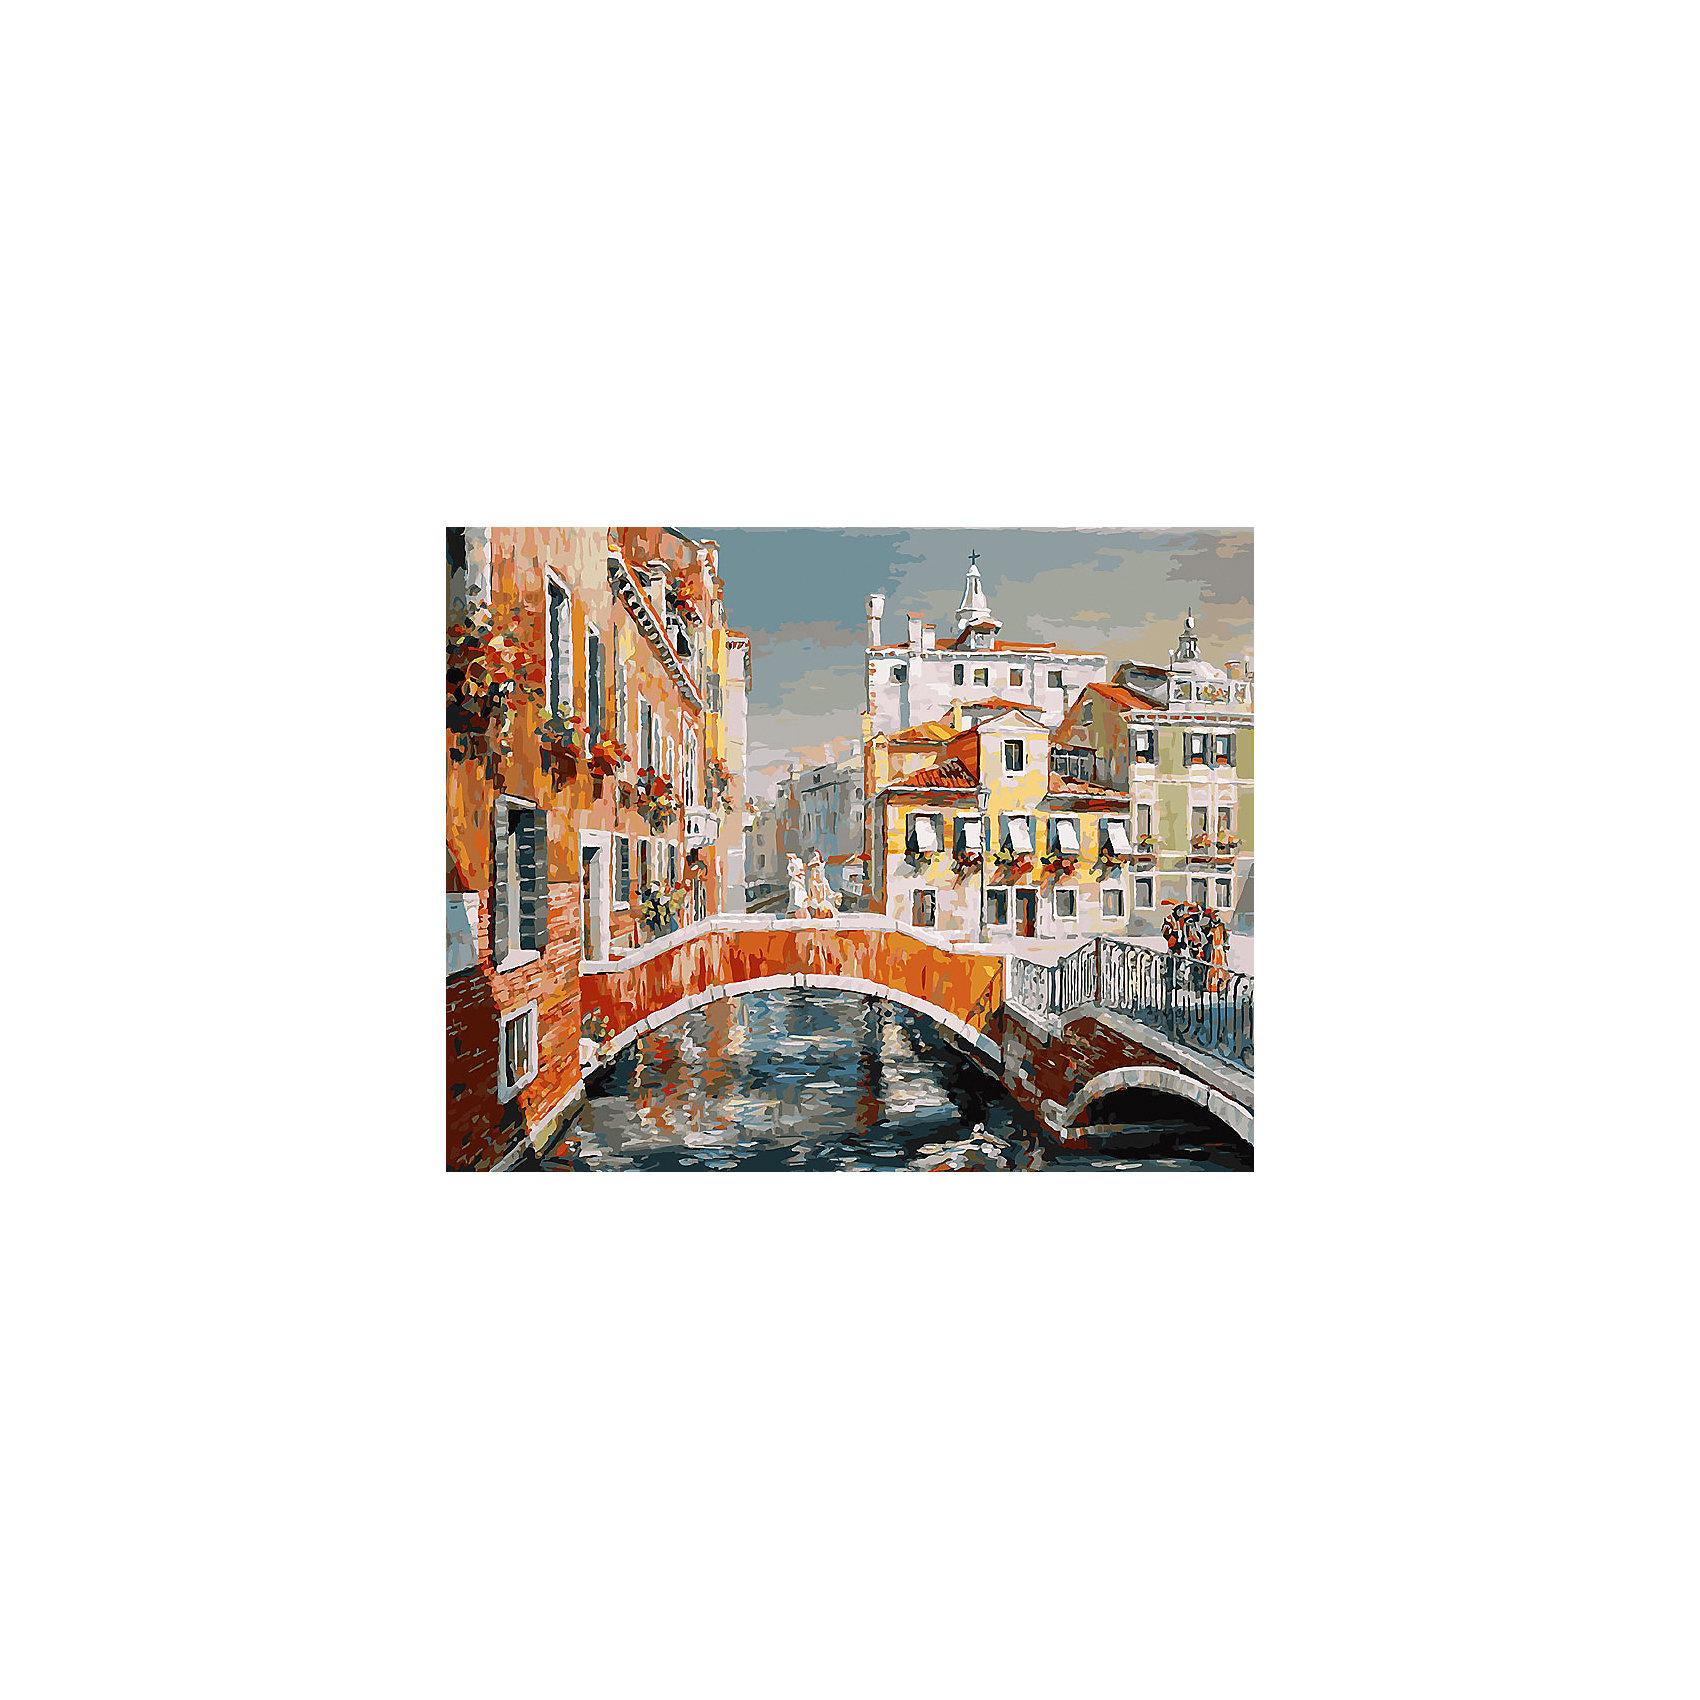 Живопись на холсте Венеция. Кампьелло Кверини Стампалья, 40*50 смРаскраски по номерам<br>Живопись на холсте Венеция. Кампьелло Кверини Стампалья, 40*50 см<br><br>Характеристики:<br><br>• Вес: 850<br>• Размер: 40х50<br>• Краски: акриловые, быстросохнущие<br>• Количество цветов: 40<br>• В наборе: холст на подрамнике, настенное крепление, контрольный лист с рисунком, 40 красок, 3 кисти<br><br>Данный набор позволит любому человеку ощутить себя профессиональным художником. В комплект входит холст с нанесенным на него рисунком по номерам, акриловые краски на водной основе, специальный контрольный лист, предотвращающий ошибки и 3 удобные кисти разных размеров. <br><br>Рисовать на холсте очень удобно, а благодаря номерам на картине и баночках с краской - это совсем просто. Цвета ложатся ровным слоем, перекрывая нанесенный рисунок. Если вы боитесь, что где-то ошиблись – приложите контрольный лист, который полностью повторяет схему. Акриловые краски совершенно безопасны и не имеют запаха. А благодаря настенному креплению вы сможете повесить готовую работу.<br><br>Живопись на холсте Венеция. Кампьелло Кверини Стампалья, 40*50 см можно купить в нашем интернет-магазине.<br><br>Ширина мм: 510<br>Глубина мм: 410<br>Высота мм: 250<br>Вес г: 850<br>Возраст от месяцев: 72<br>Возраст до месяцев: 2147483647<br>Пол: Унисекс<br>Возраст: Детский<br>SKU: 5500404